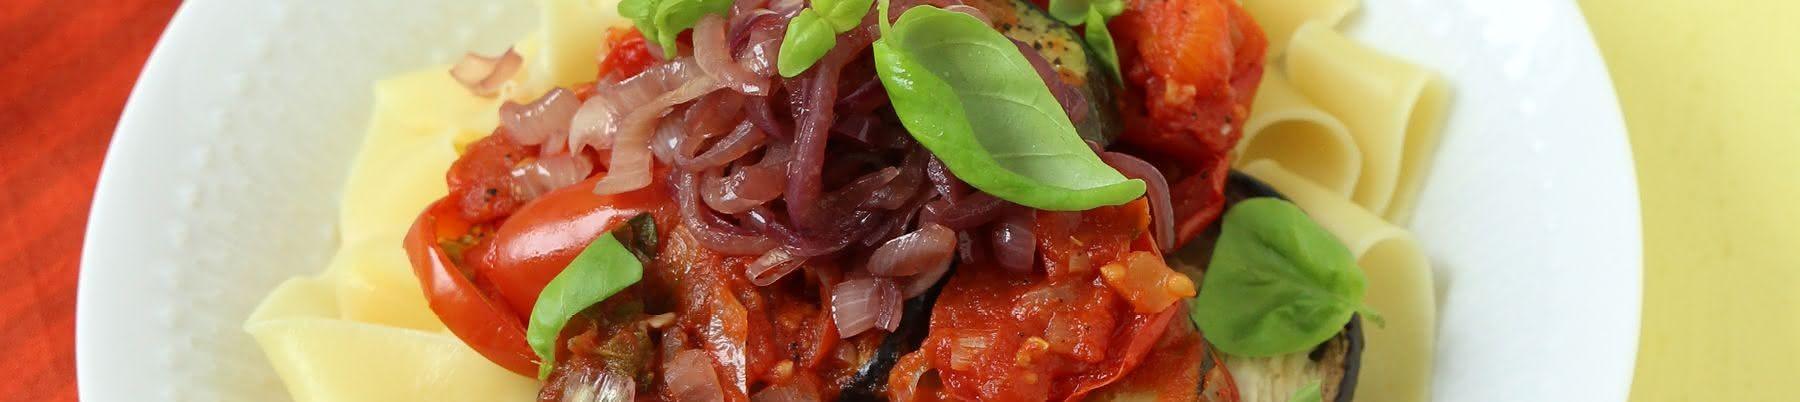 Pasta mit Ofen-Ratatouille und Portwein-Zwiebeln